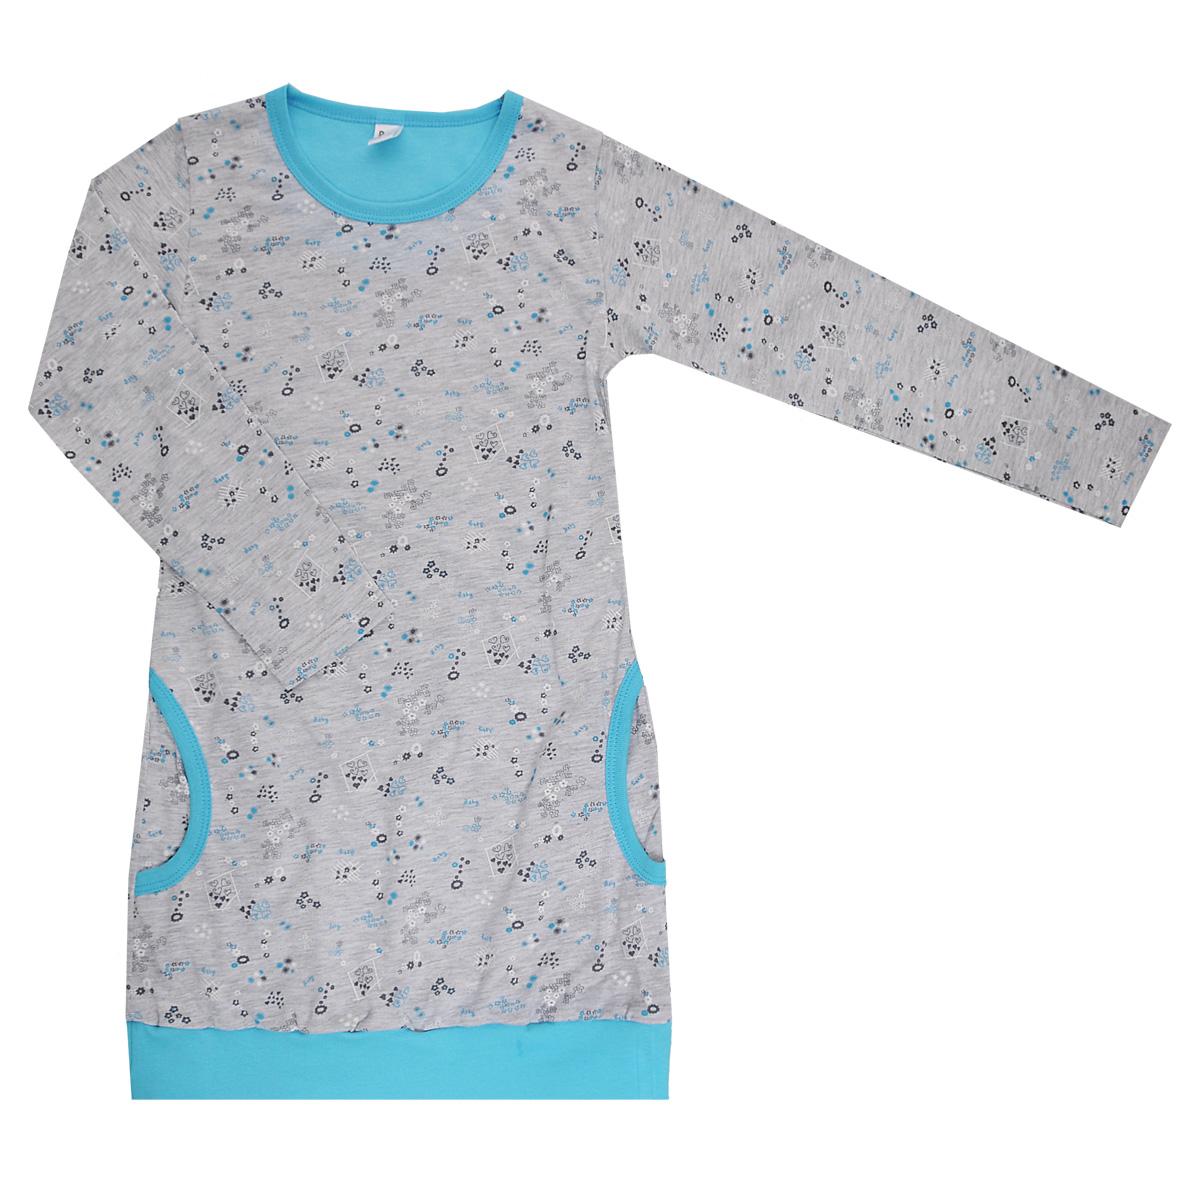 Ночная сорочка для девочки Bossa Nova, цвет: серый, голубой. 391Б-180. Размер 110/116, 5-6 лет пижамы и ночные сорочки bossa nova ночная сорочка супергерои 358б 161